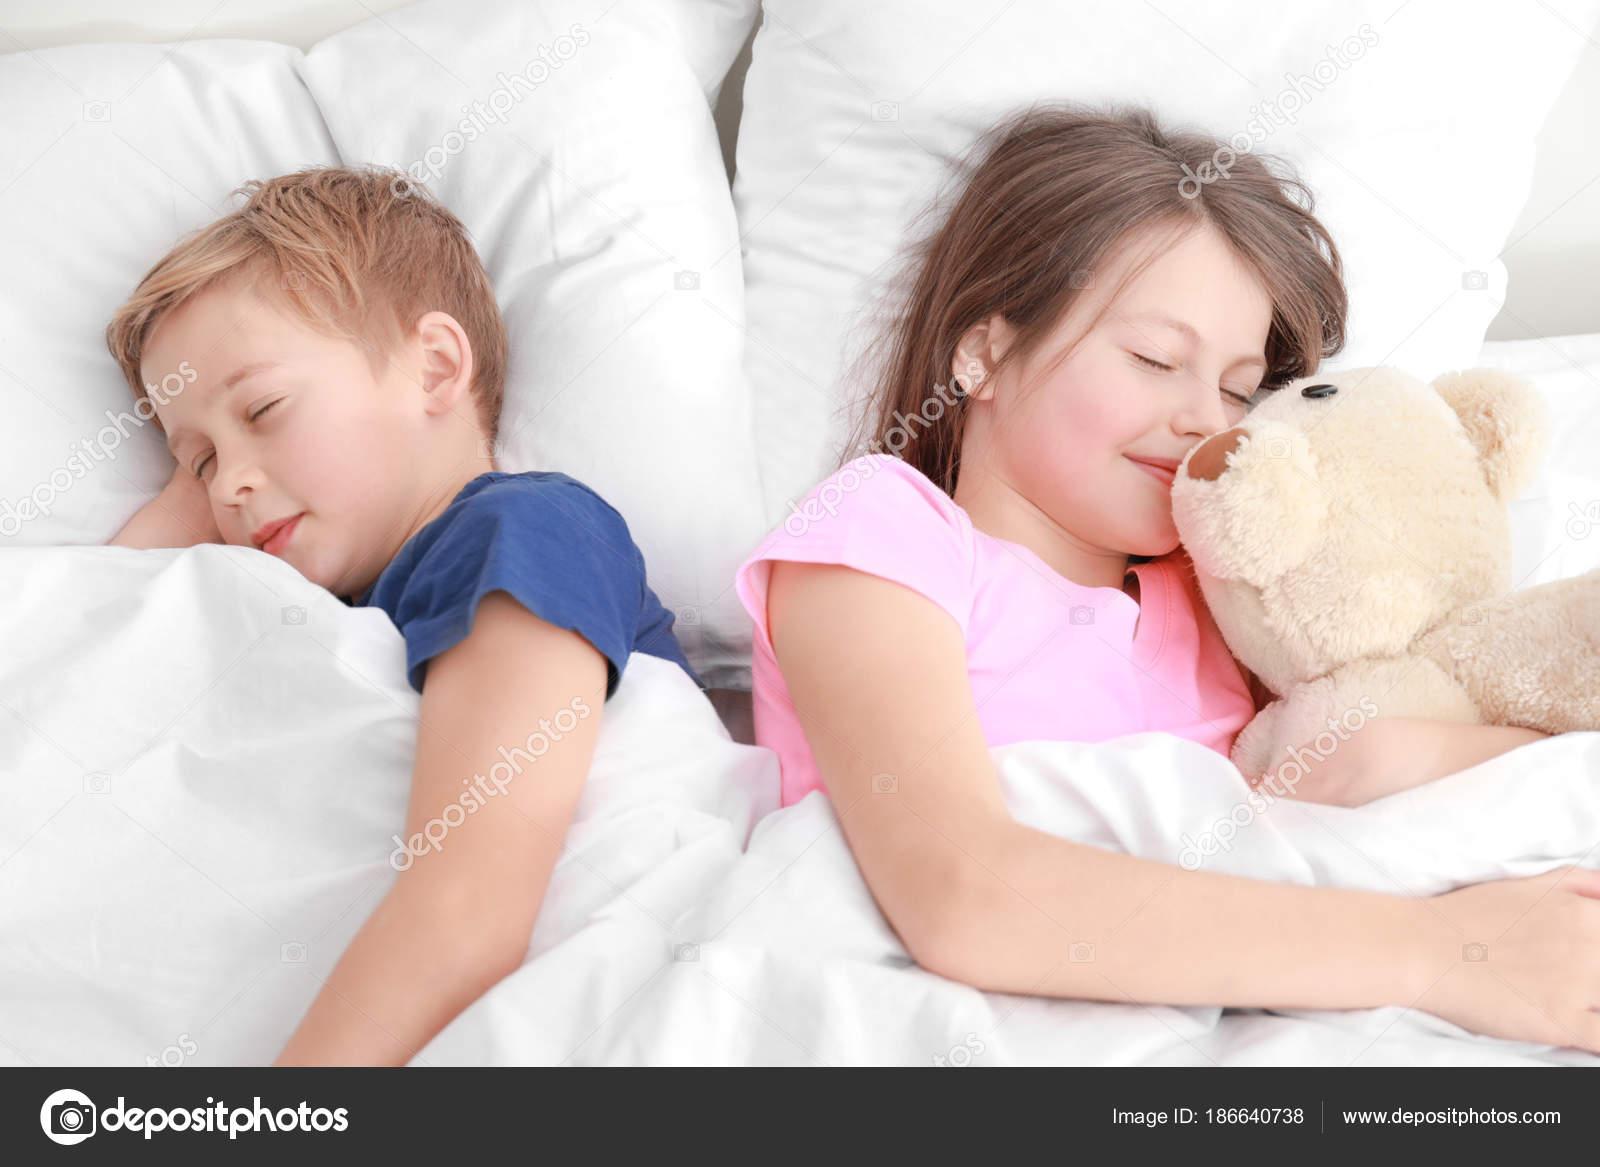 Трахнул красивую сестру пока она спала, У брата и сестры одна комната на двоих - видео ролик 14 фотография